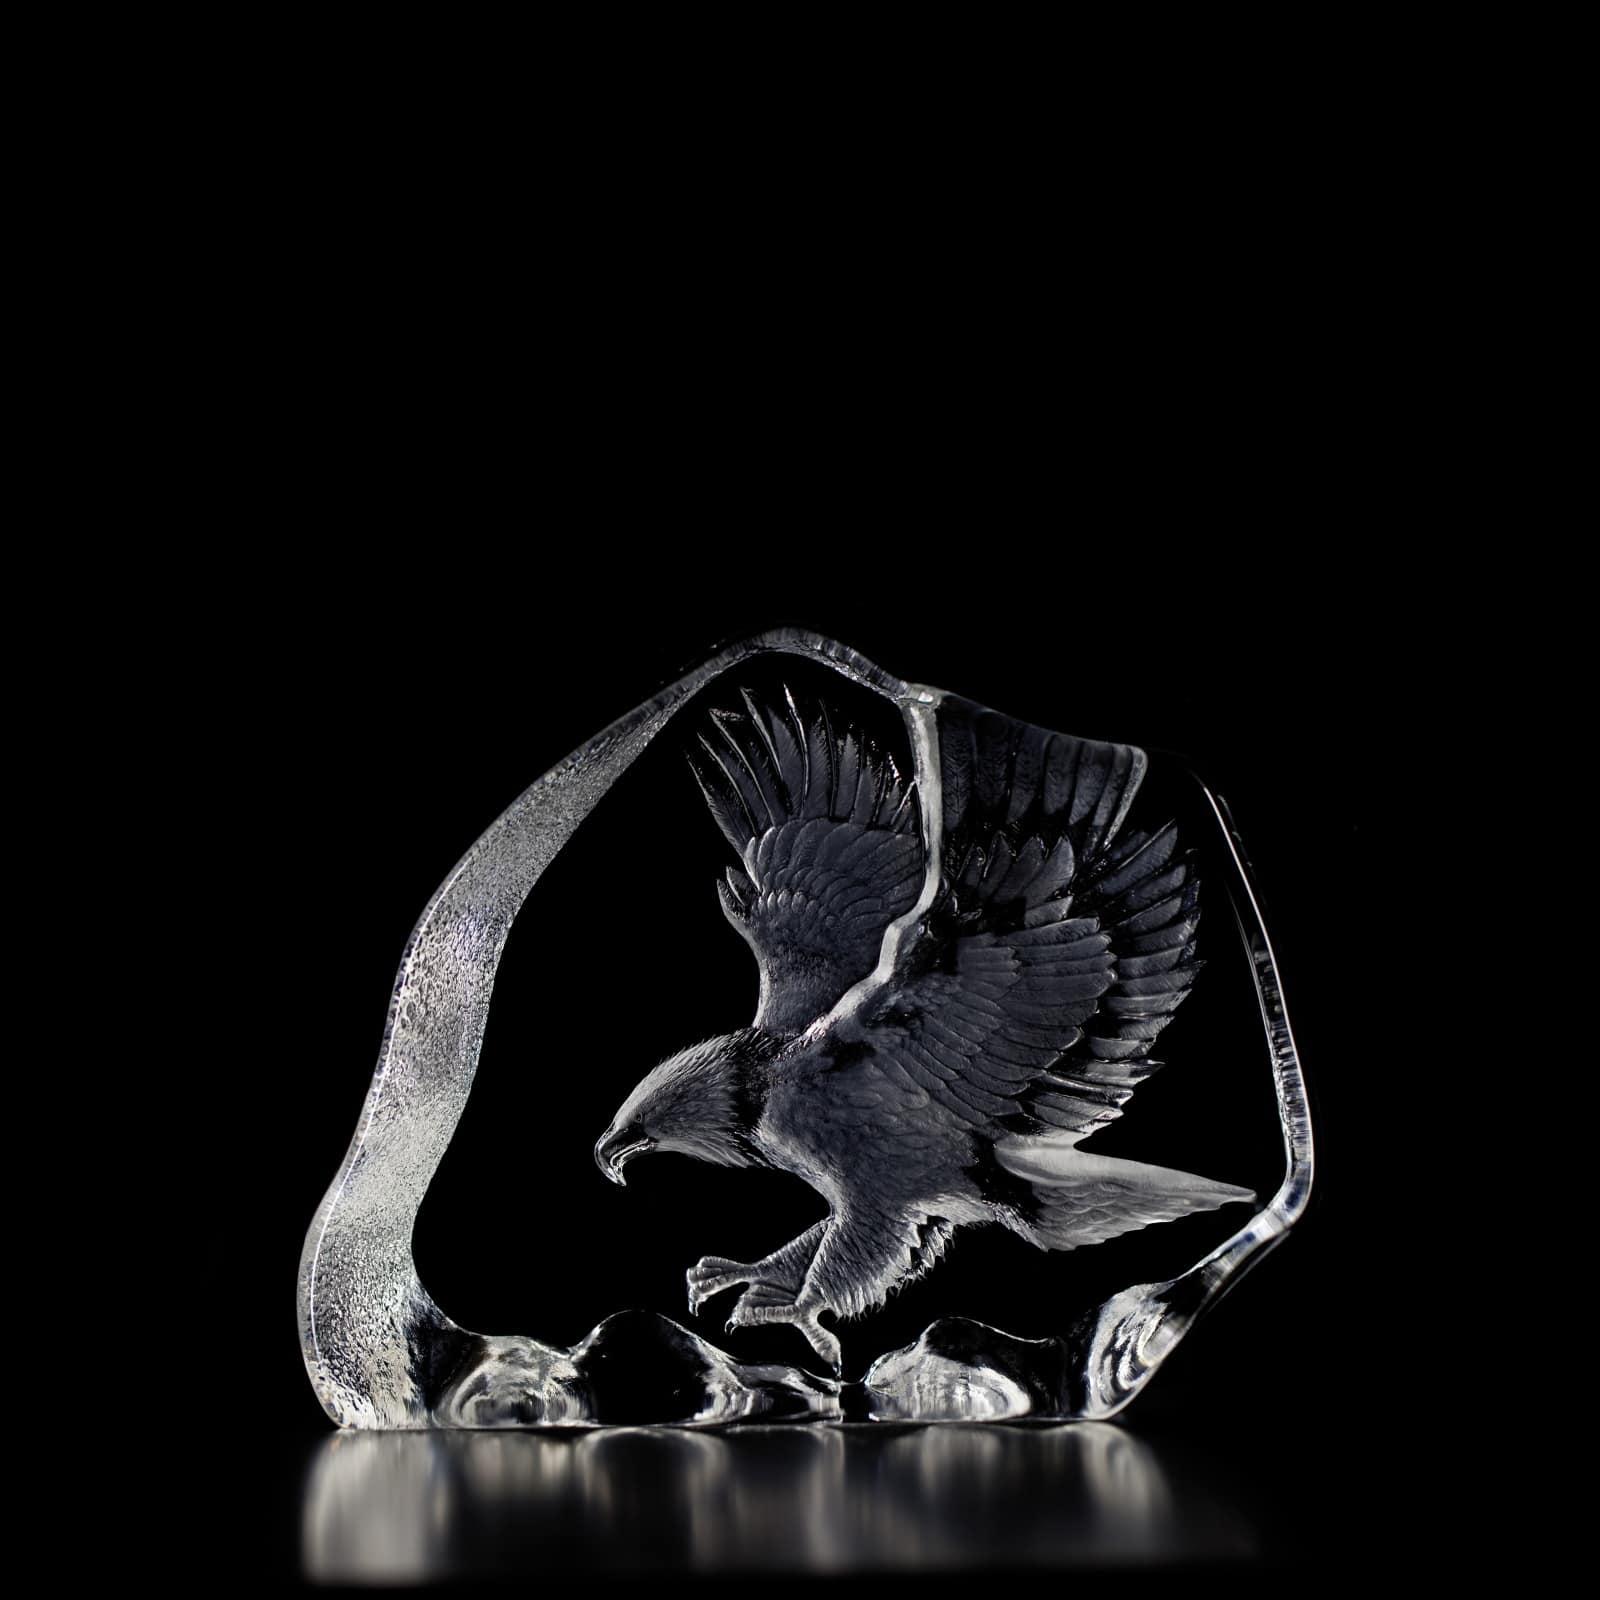 Mats Jonasson - Eagle I